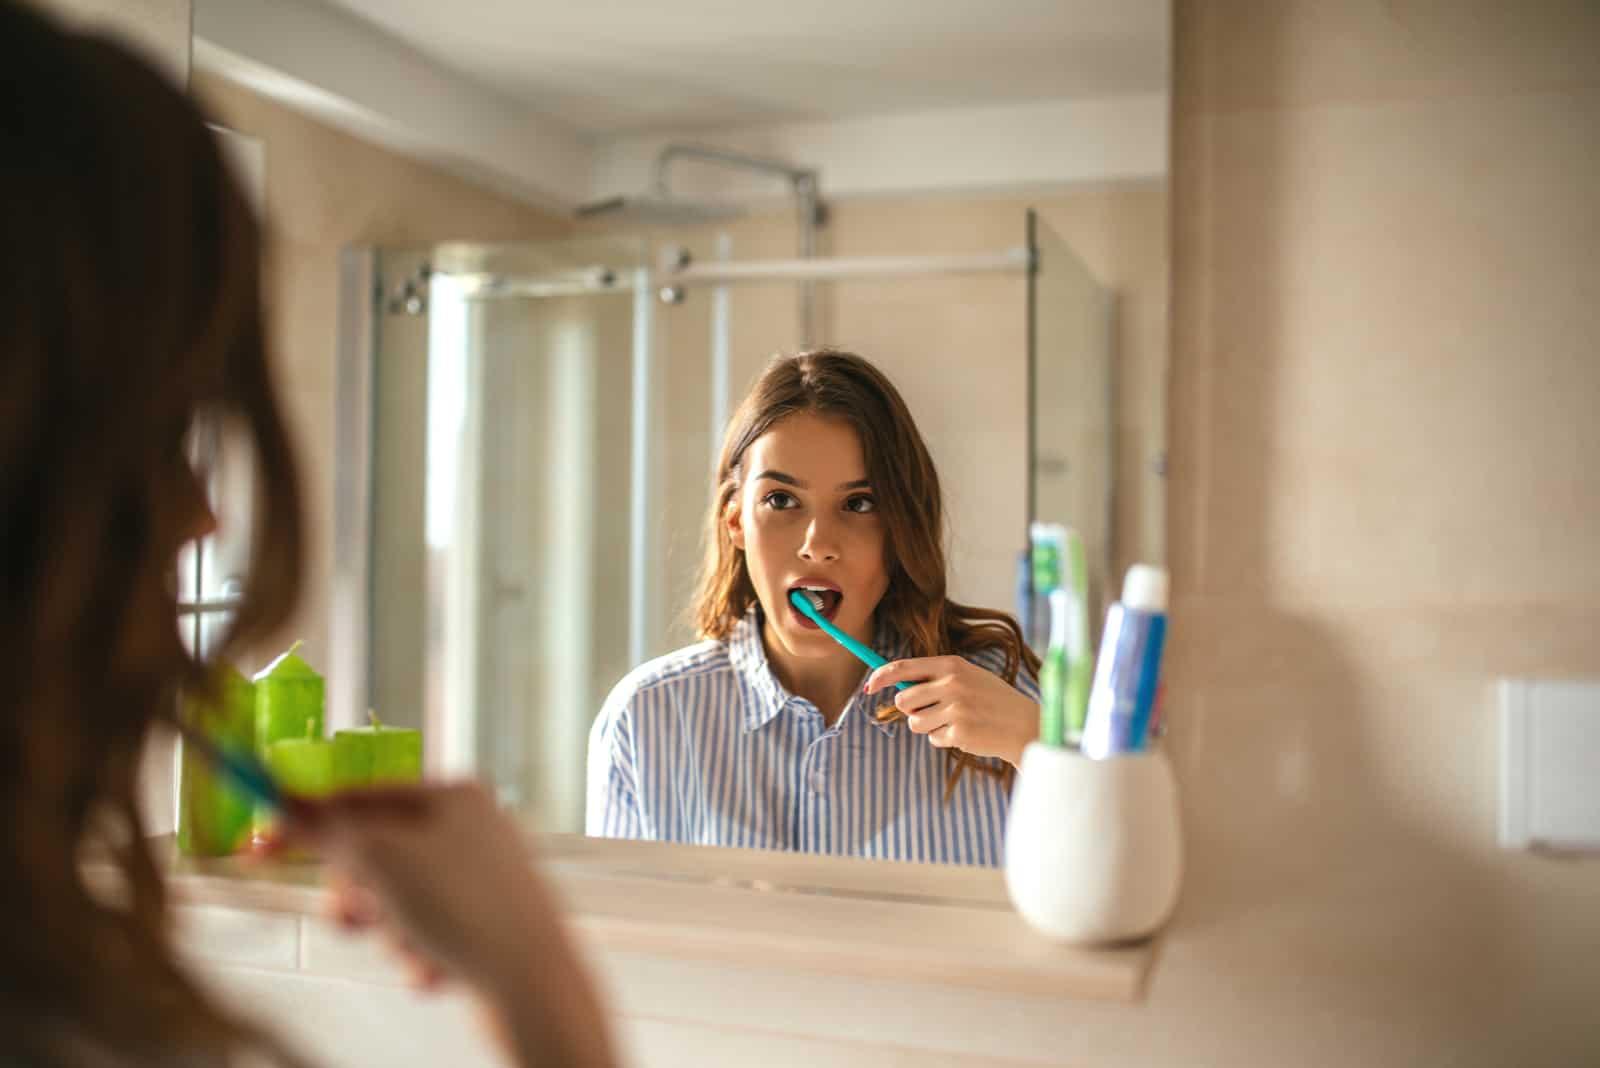 belle femme se brosser les dents et regarder dans le miroir